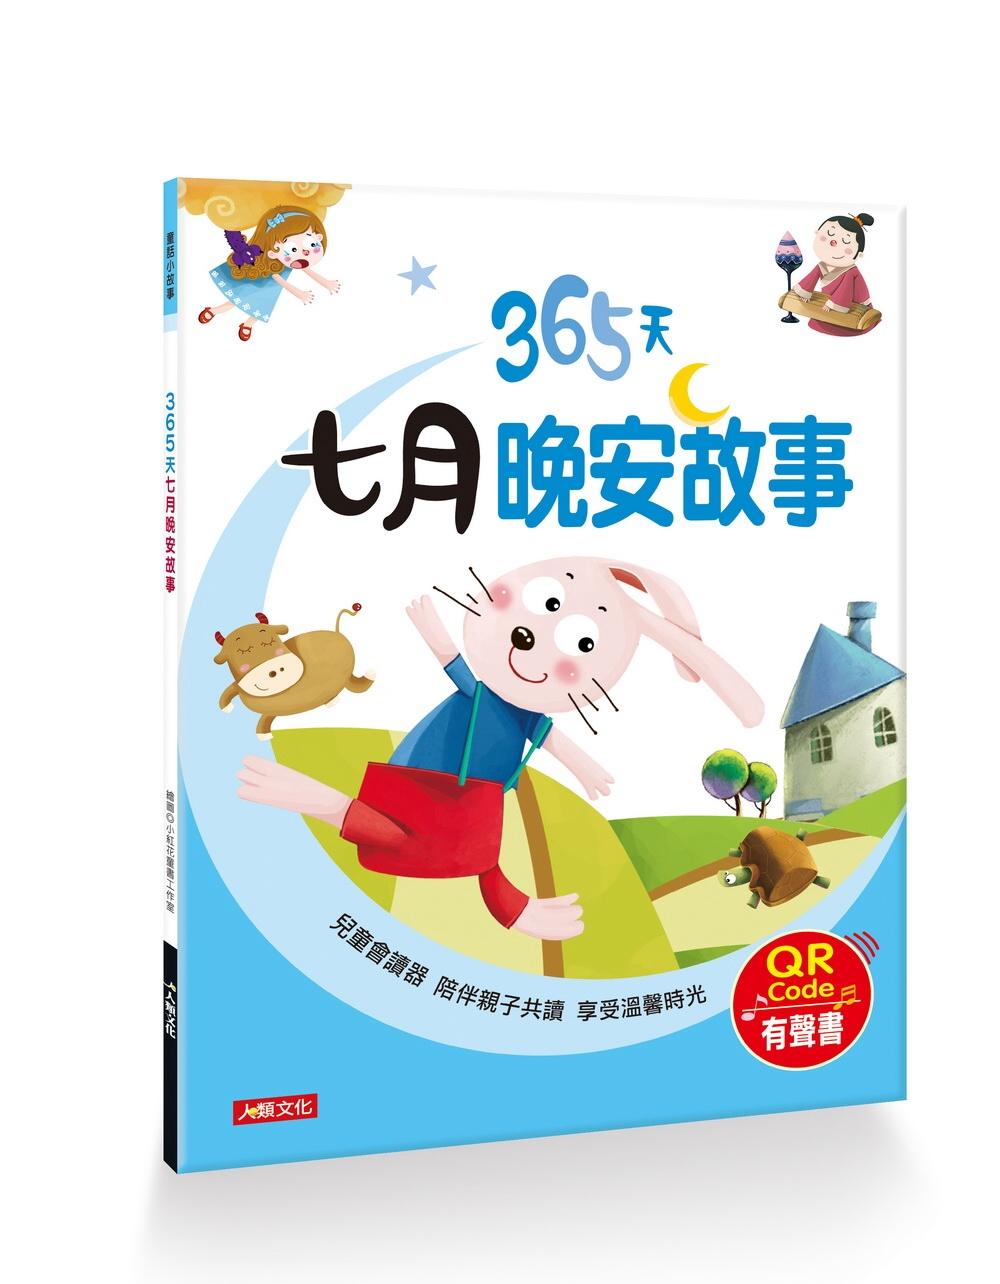 童話小故事:365天七月晚安故事(QR Code有聲書)